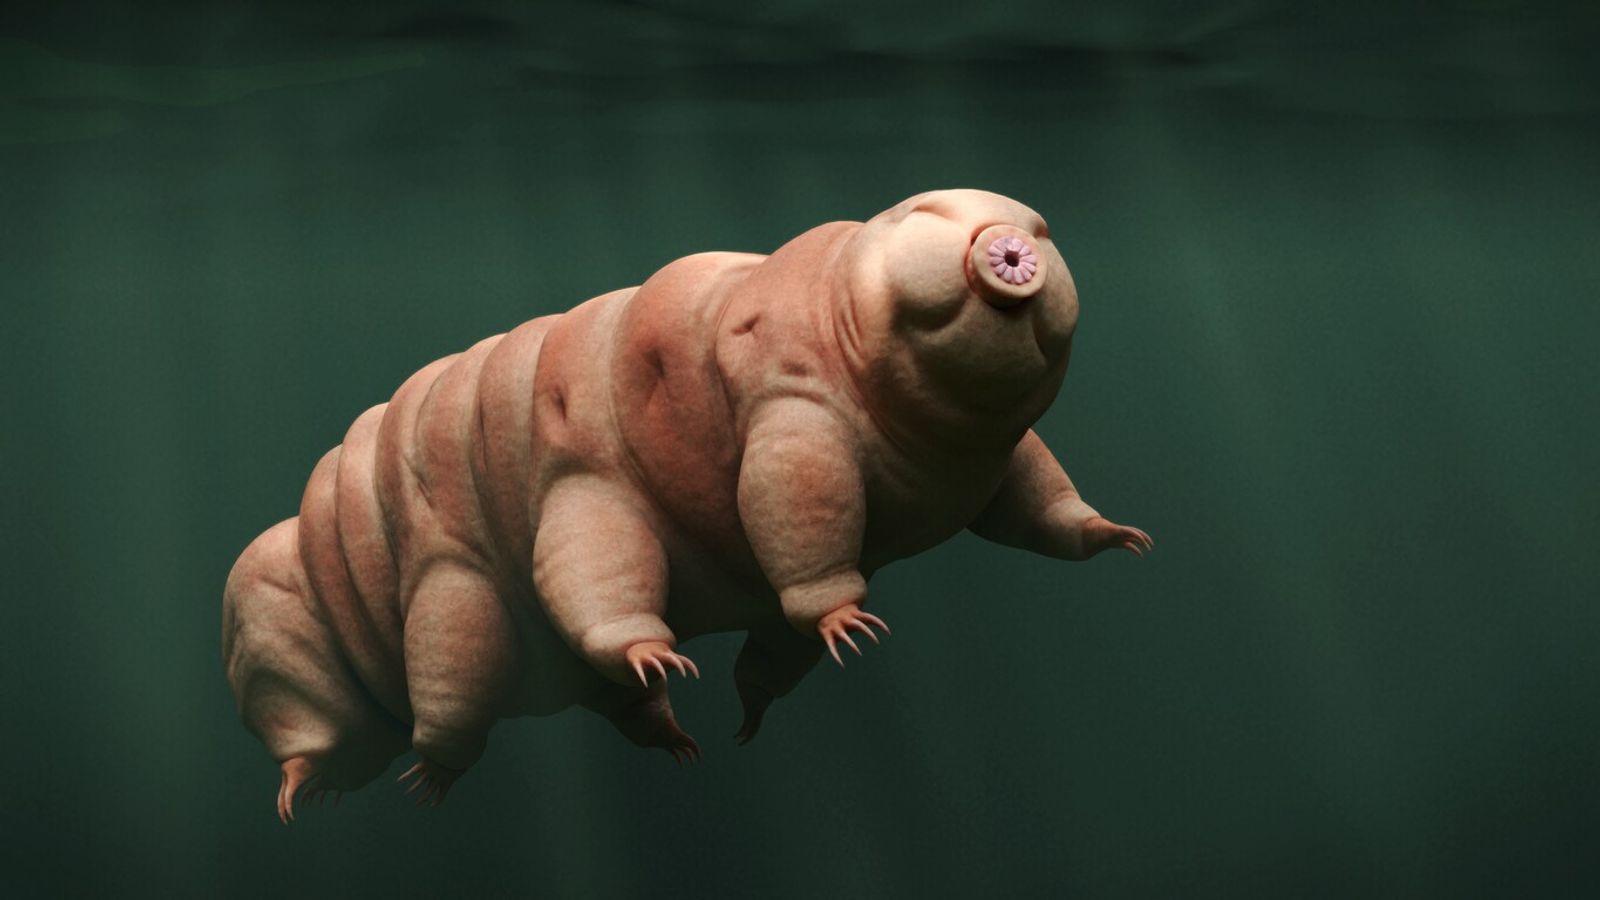 Le nom tardigrade vient du latin tardus gradus (« marcheur lent »). On en connaît plus de 1 200 espèces, vivant dans des milieux variés et ...